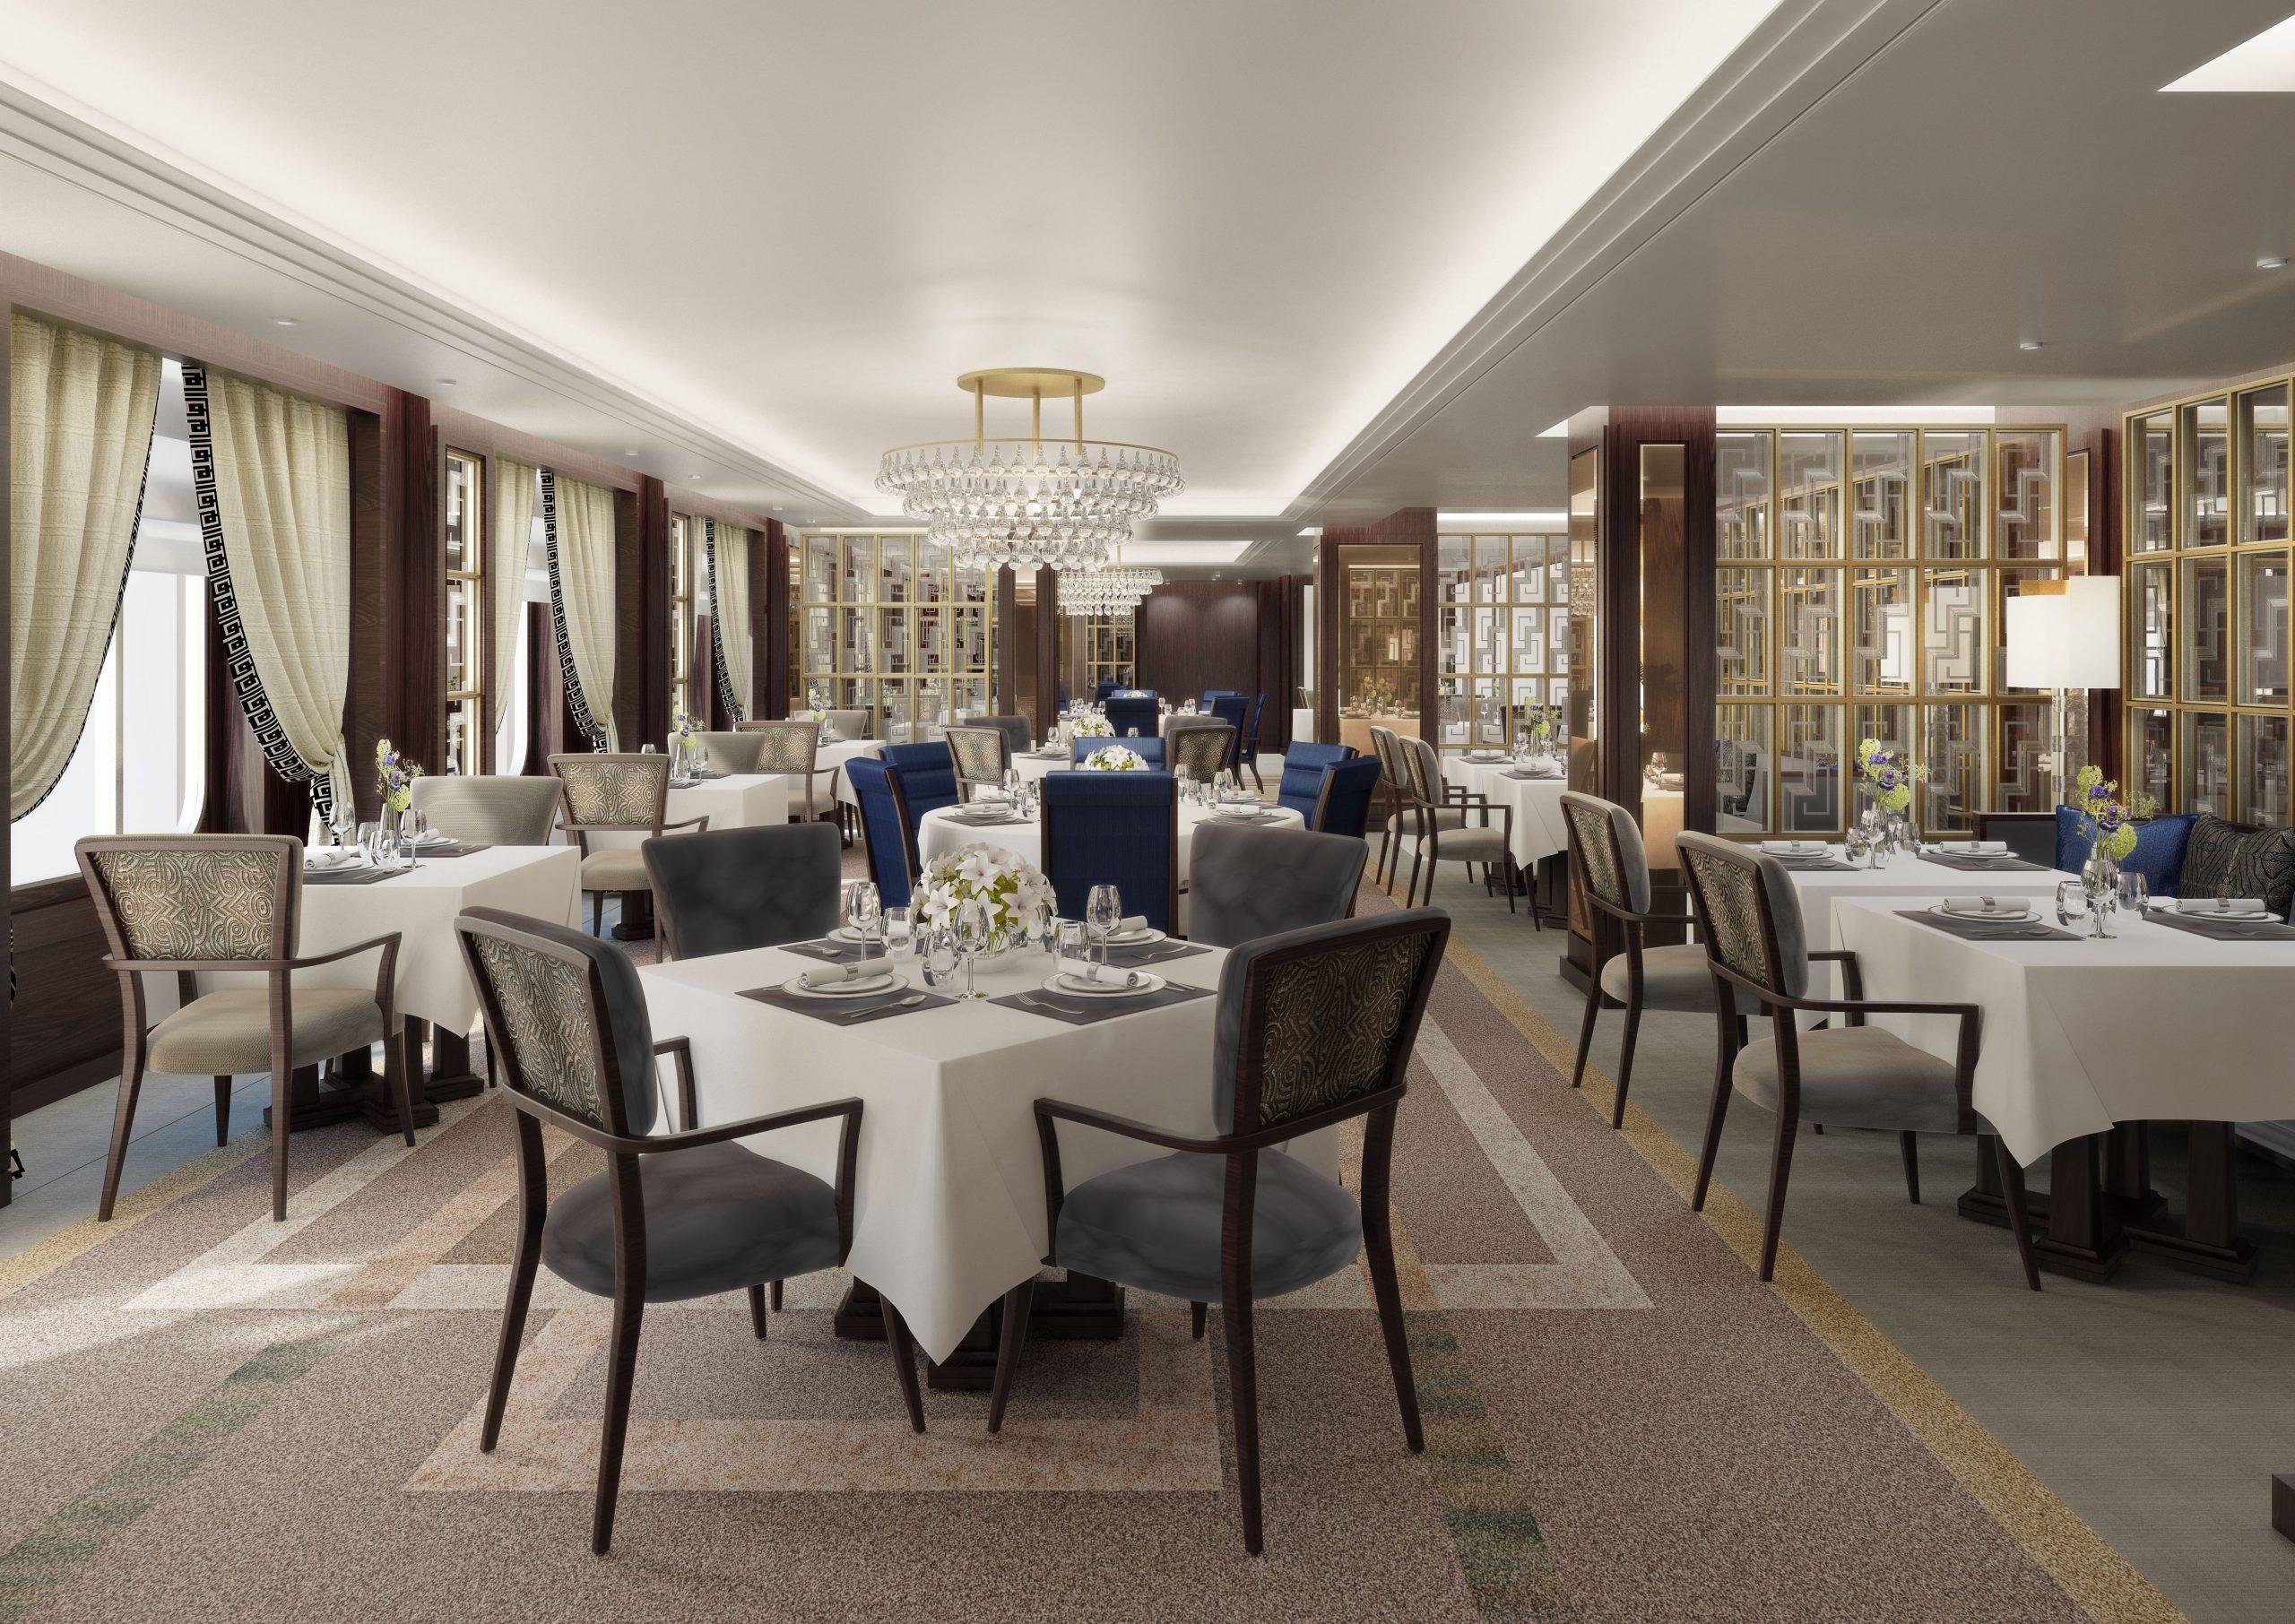 CGI room set of Brittania dining room